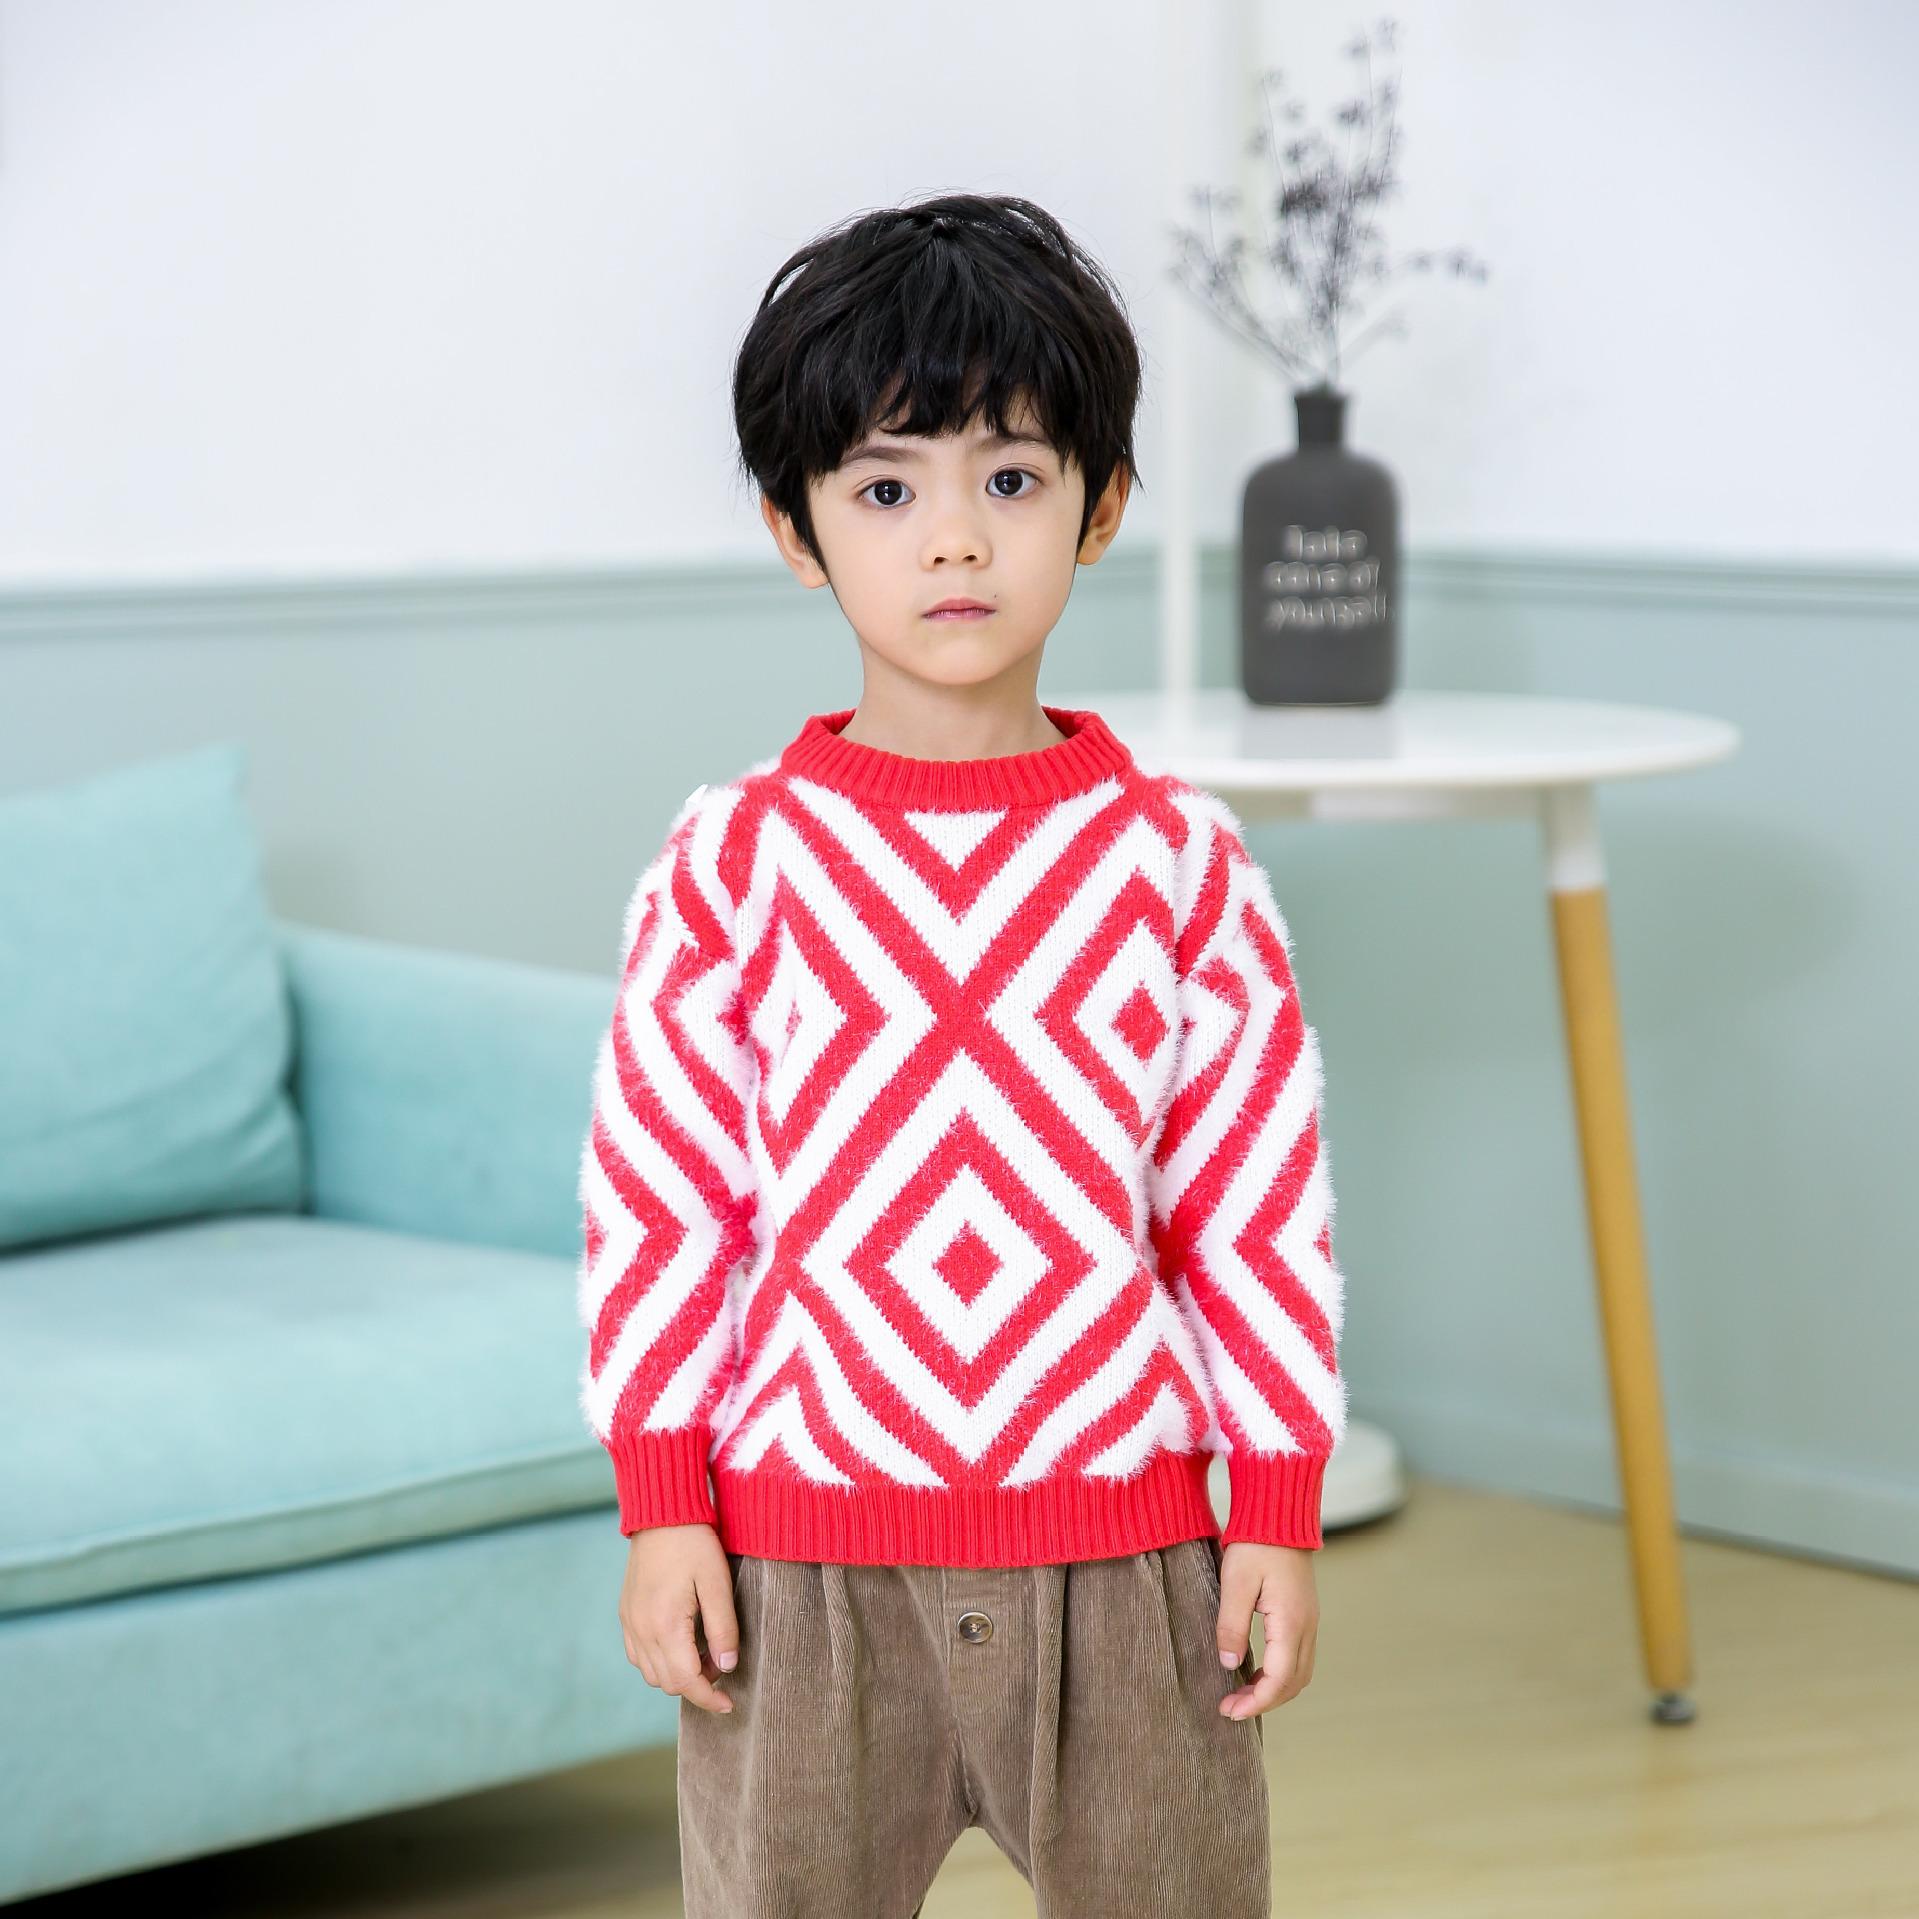 现货秋季水貂绒休闲中小童男英伦条纹长袖圆领毛衣线衫